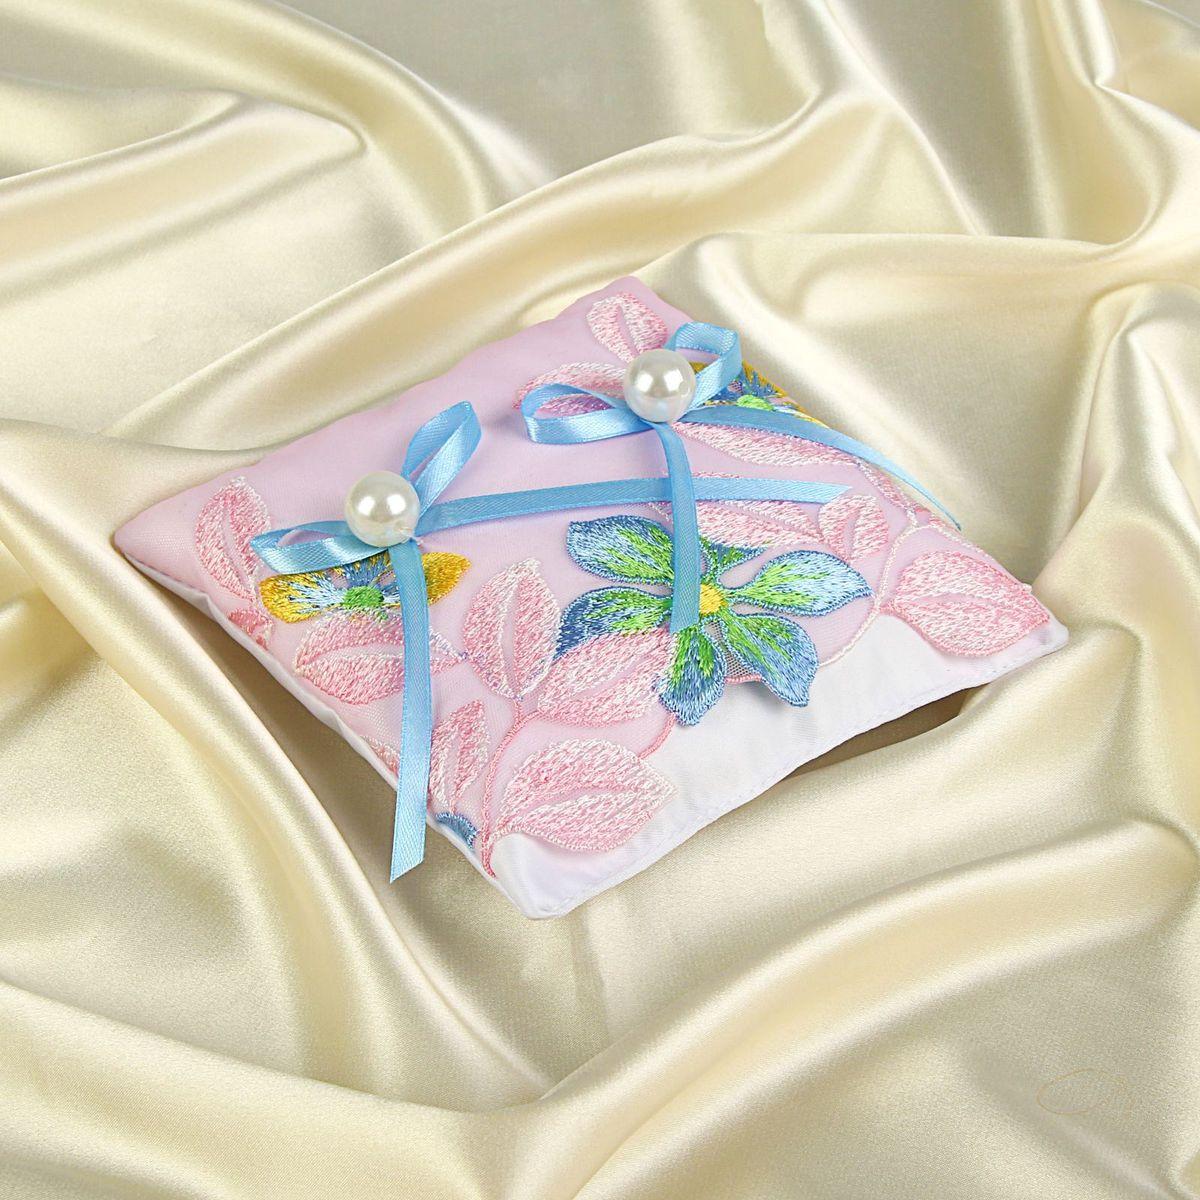 Подушка для колец Sima-land, цвет: розовый. 11618581161858Подушка для колец розовая, бантики добавит торжественности в грандиозный момент обмена символами любви и передаст всем присутствующим романтическое настроение влюблённой пары. Подарите себе великолепное настроение и превратите свою свадьбу в самое счастливое воспоминание.